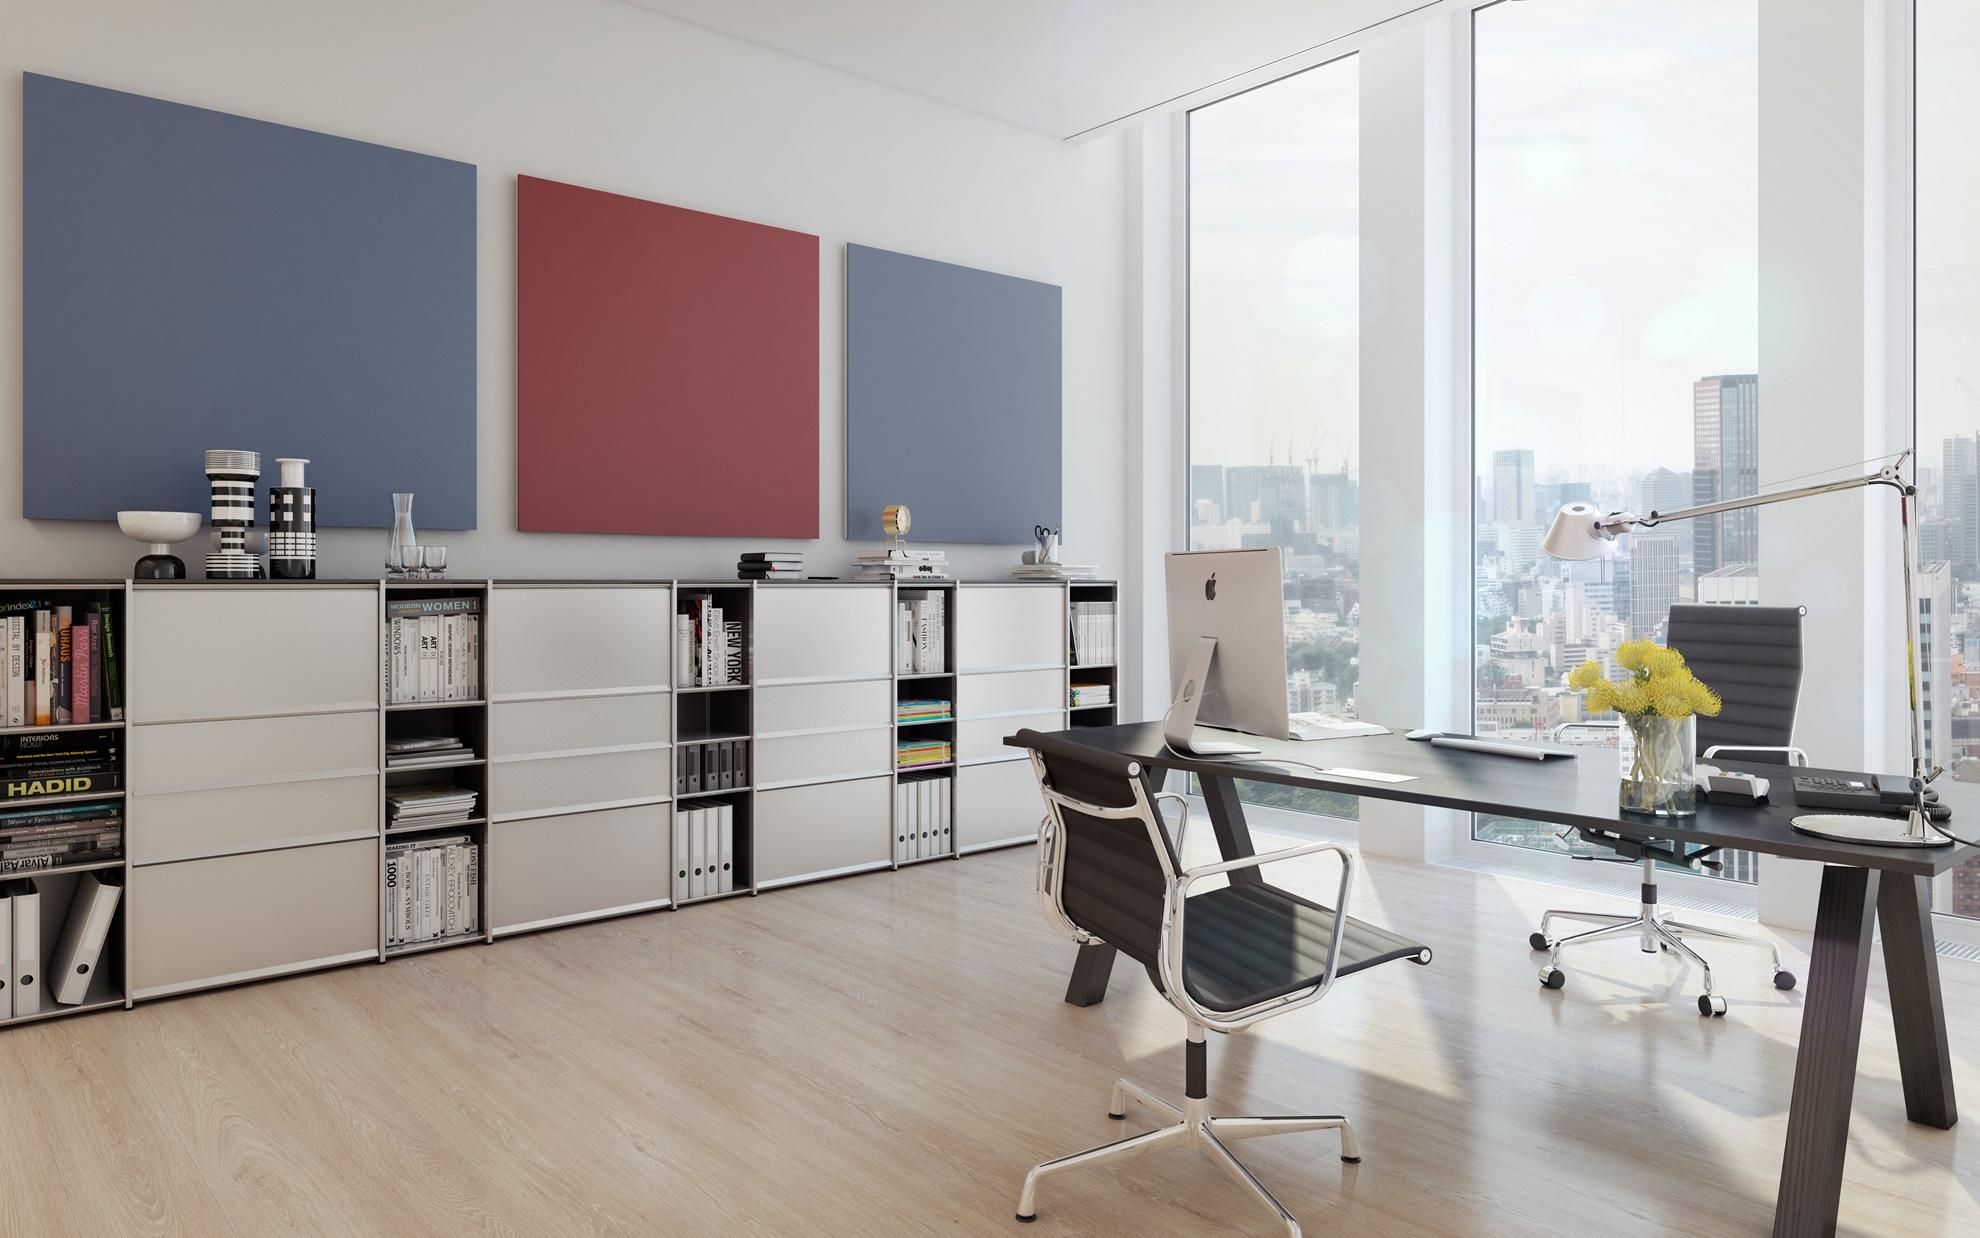 raumakustik paul morger ag b rocenter. Black Bedroom Furniture Sets. Home Design Ideas